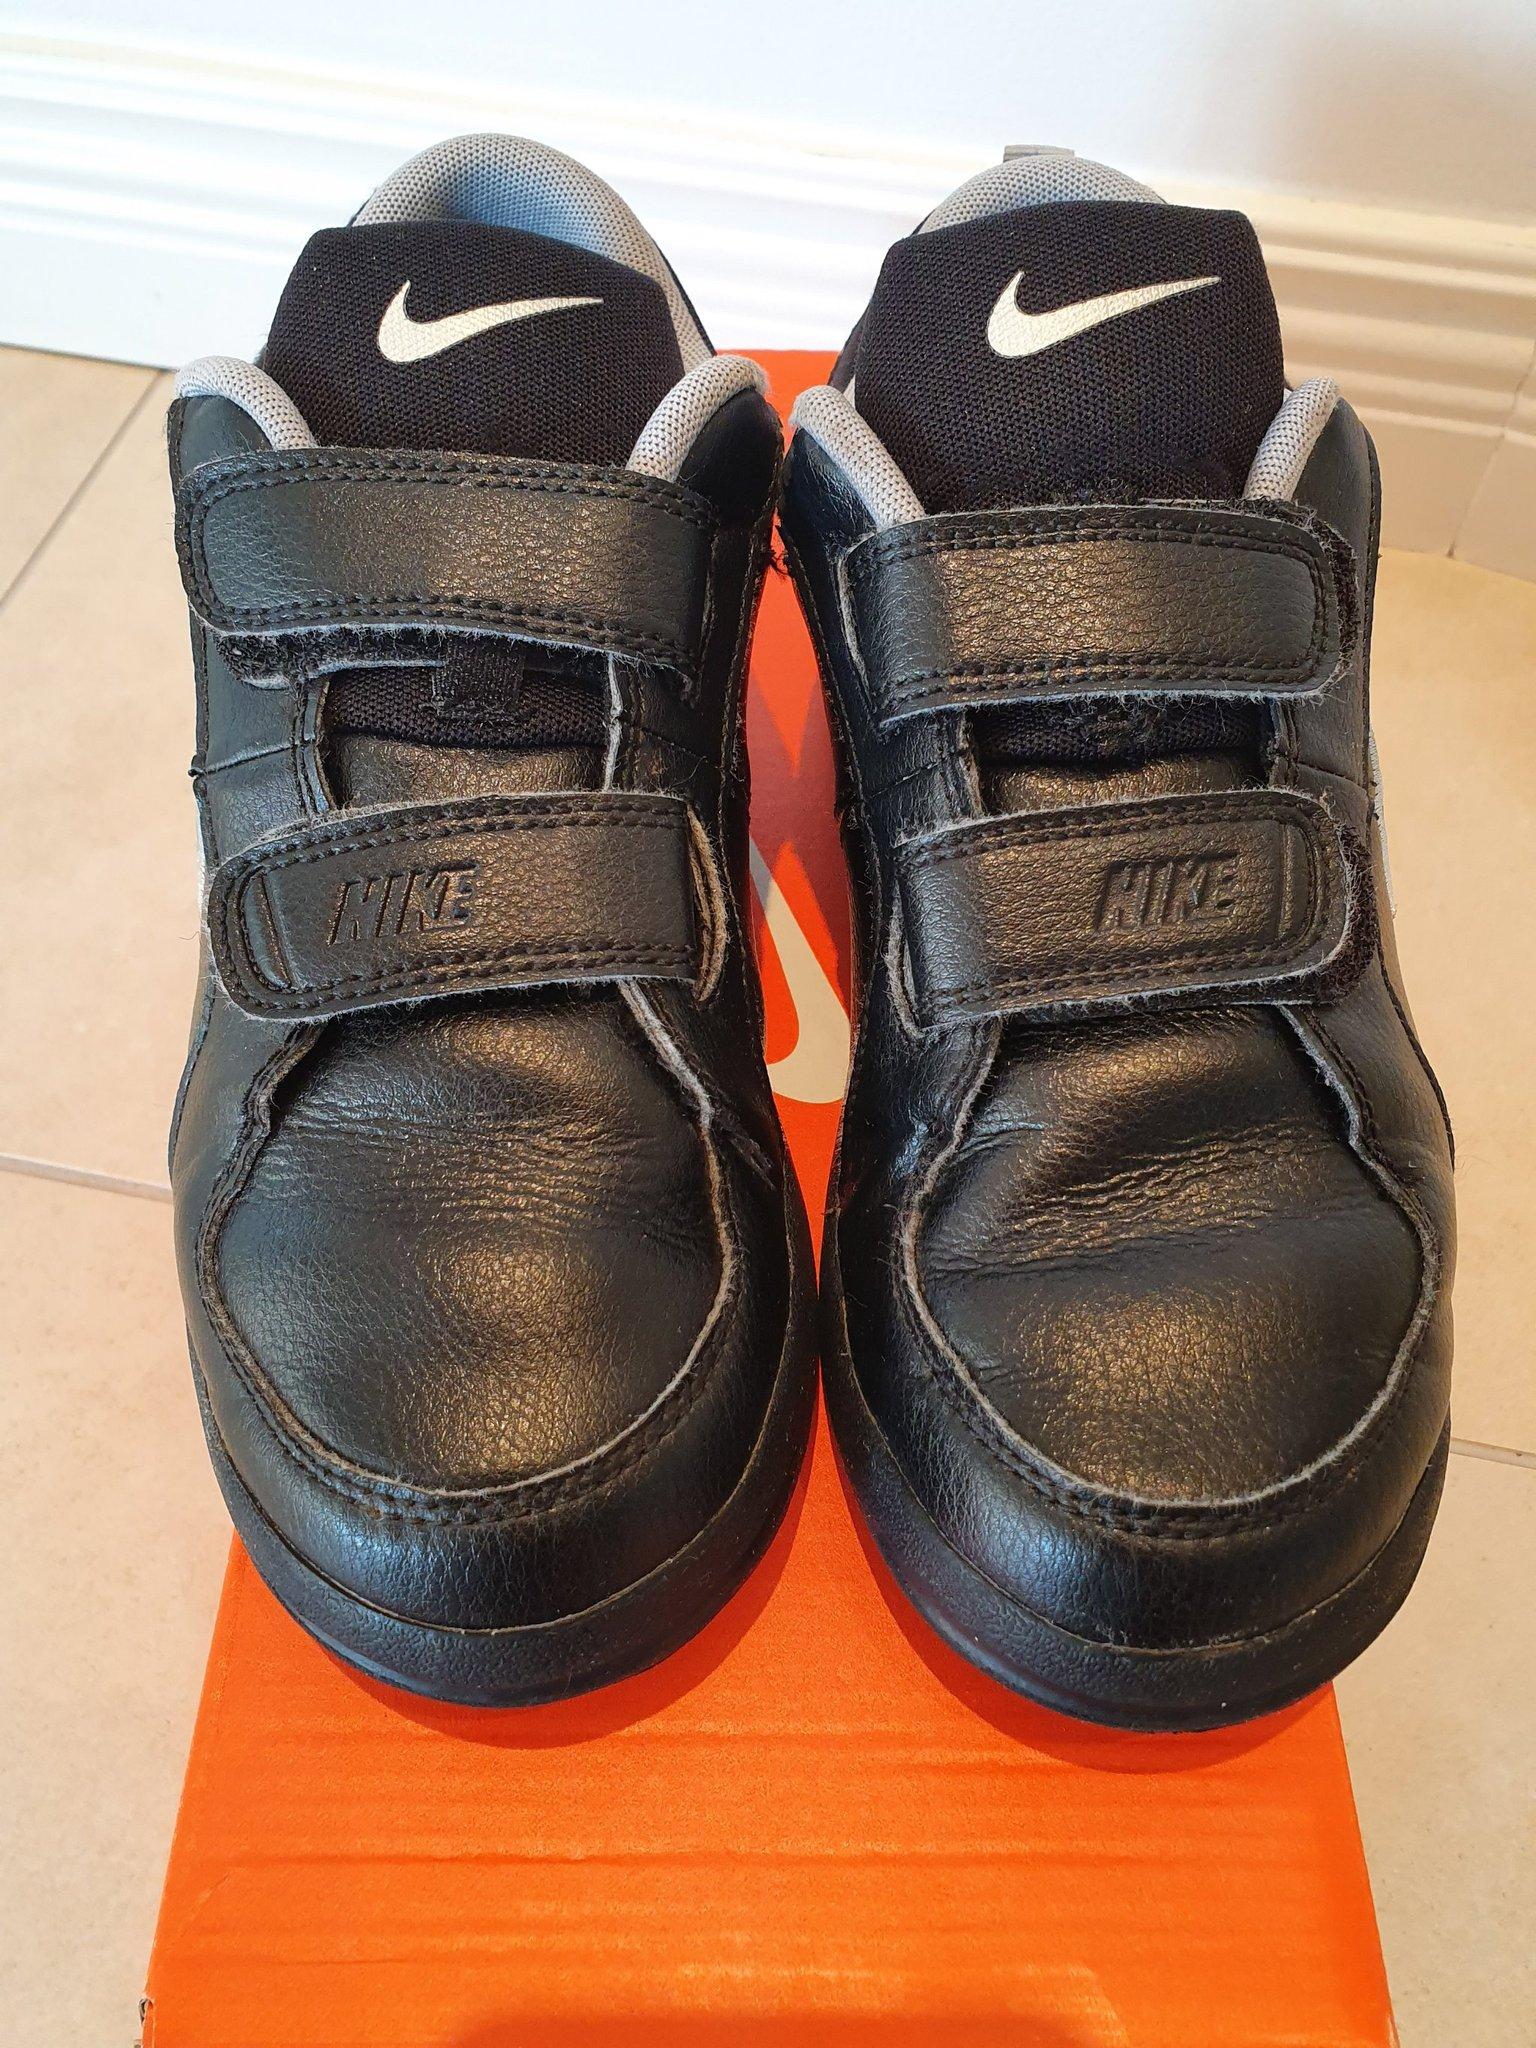 Snygga Nike skor stl.35 (23cm) (351234761) ᐈ Köp på Tradera